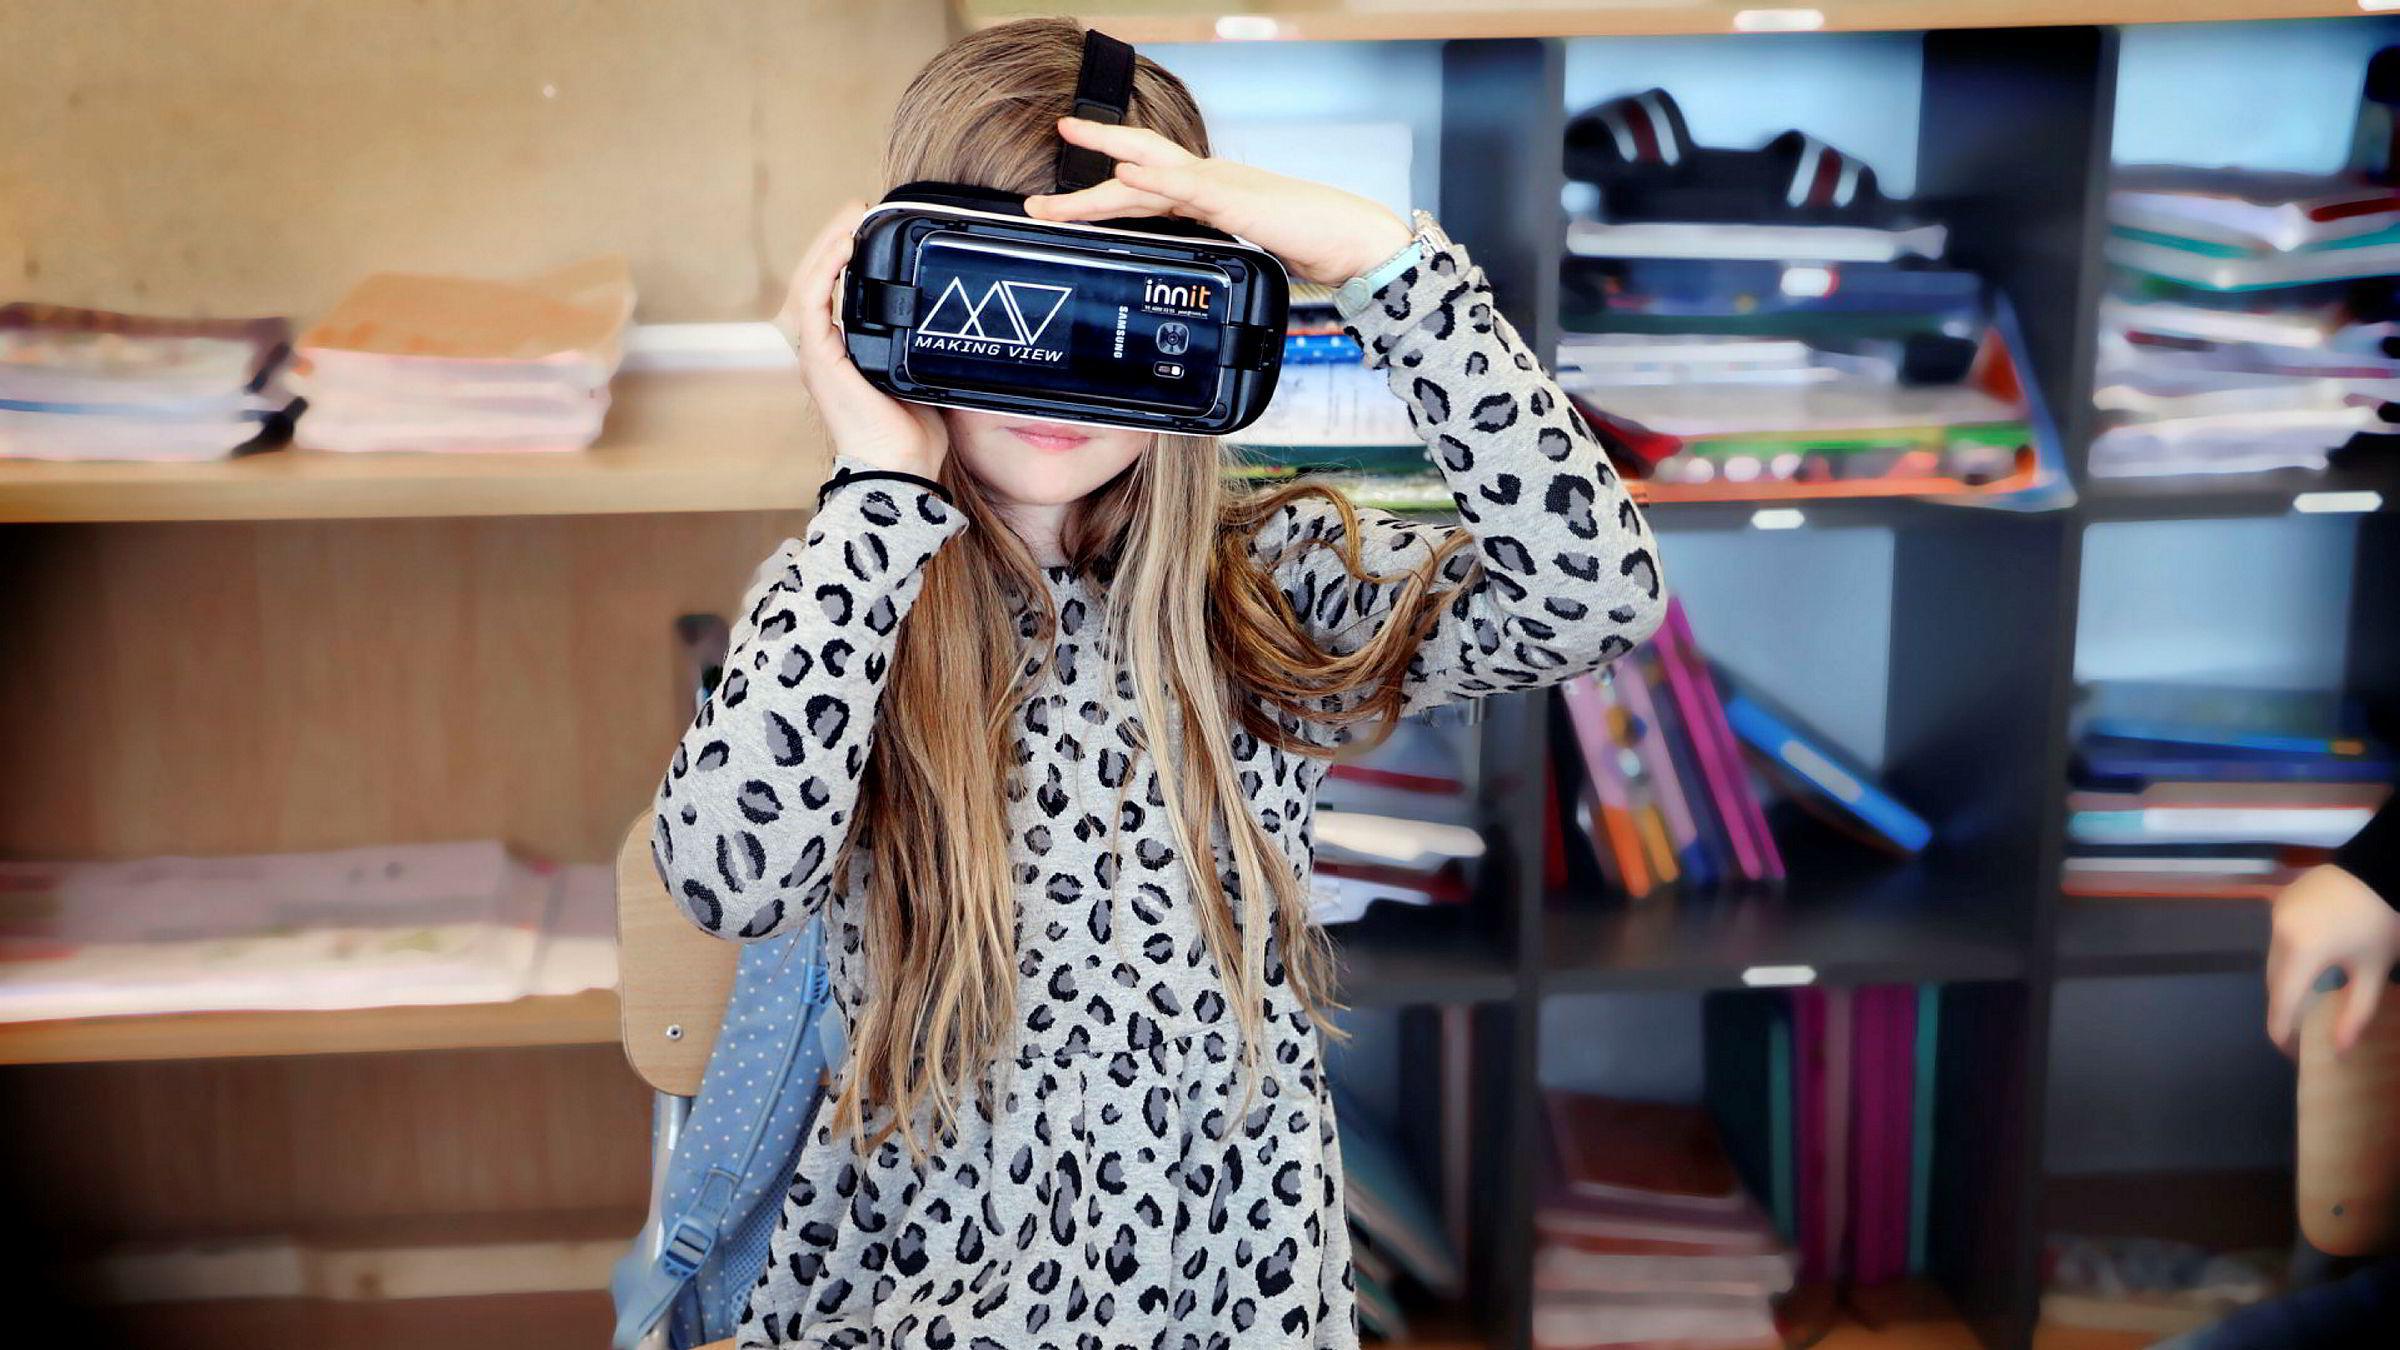 Natalie ved Hanstad skole i Elverum var blant de aller første i landet som testet matematikkopplæring med VR-innhold og VR-briller.